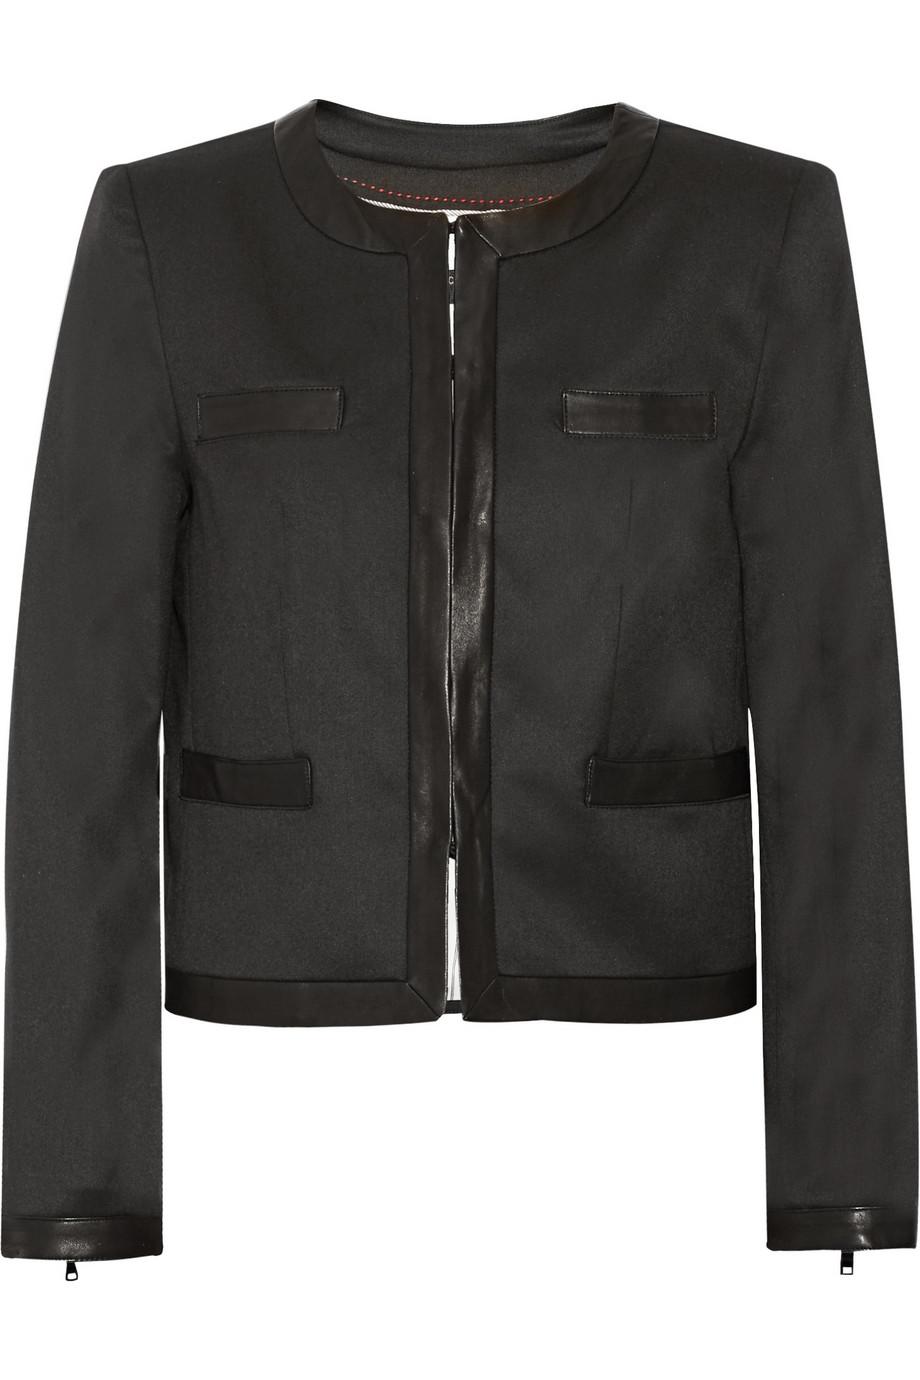 Alice & Olivia Jayde Leather Trimmed Jacket $220